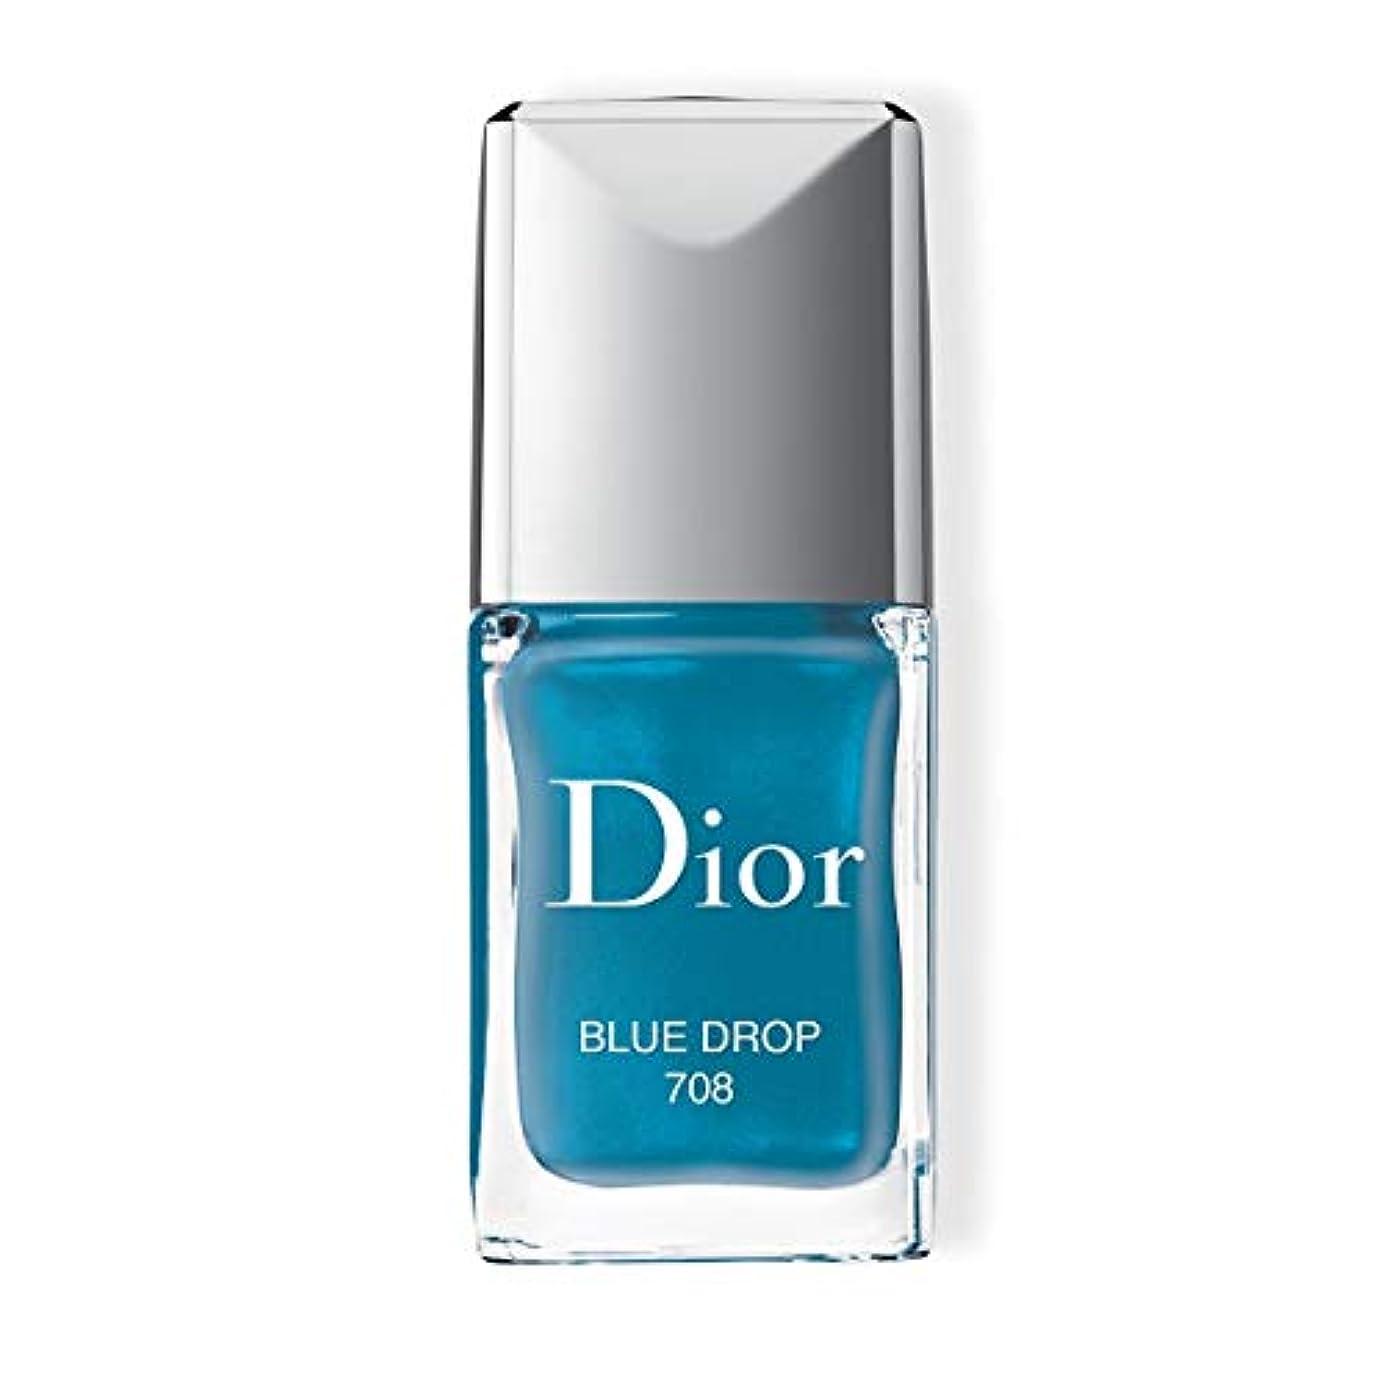 休眠子豚要求するDior(ディオール) ディオール ヴェルニ (708 ブルー ドロップ)